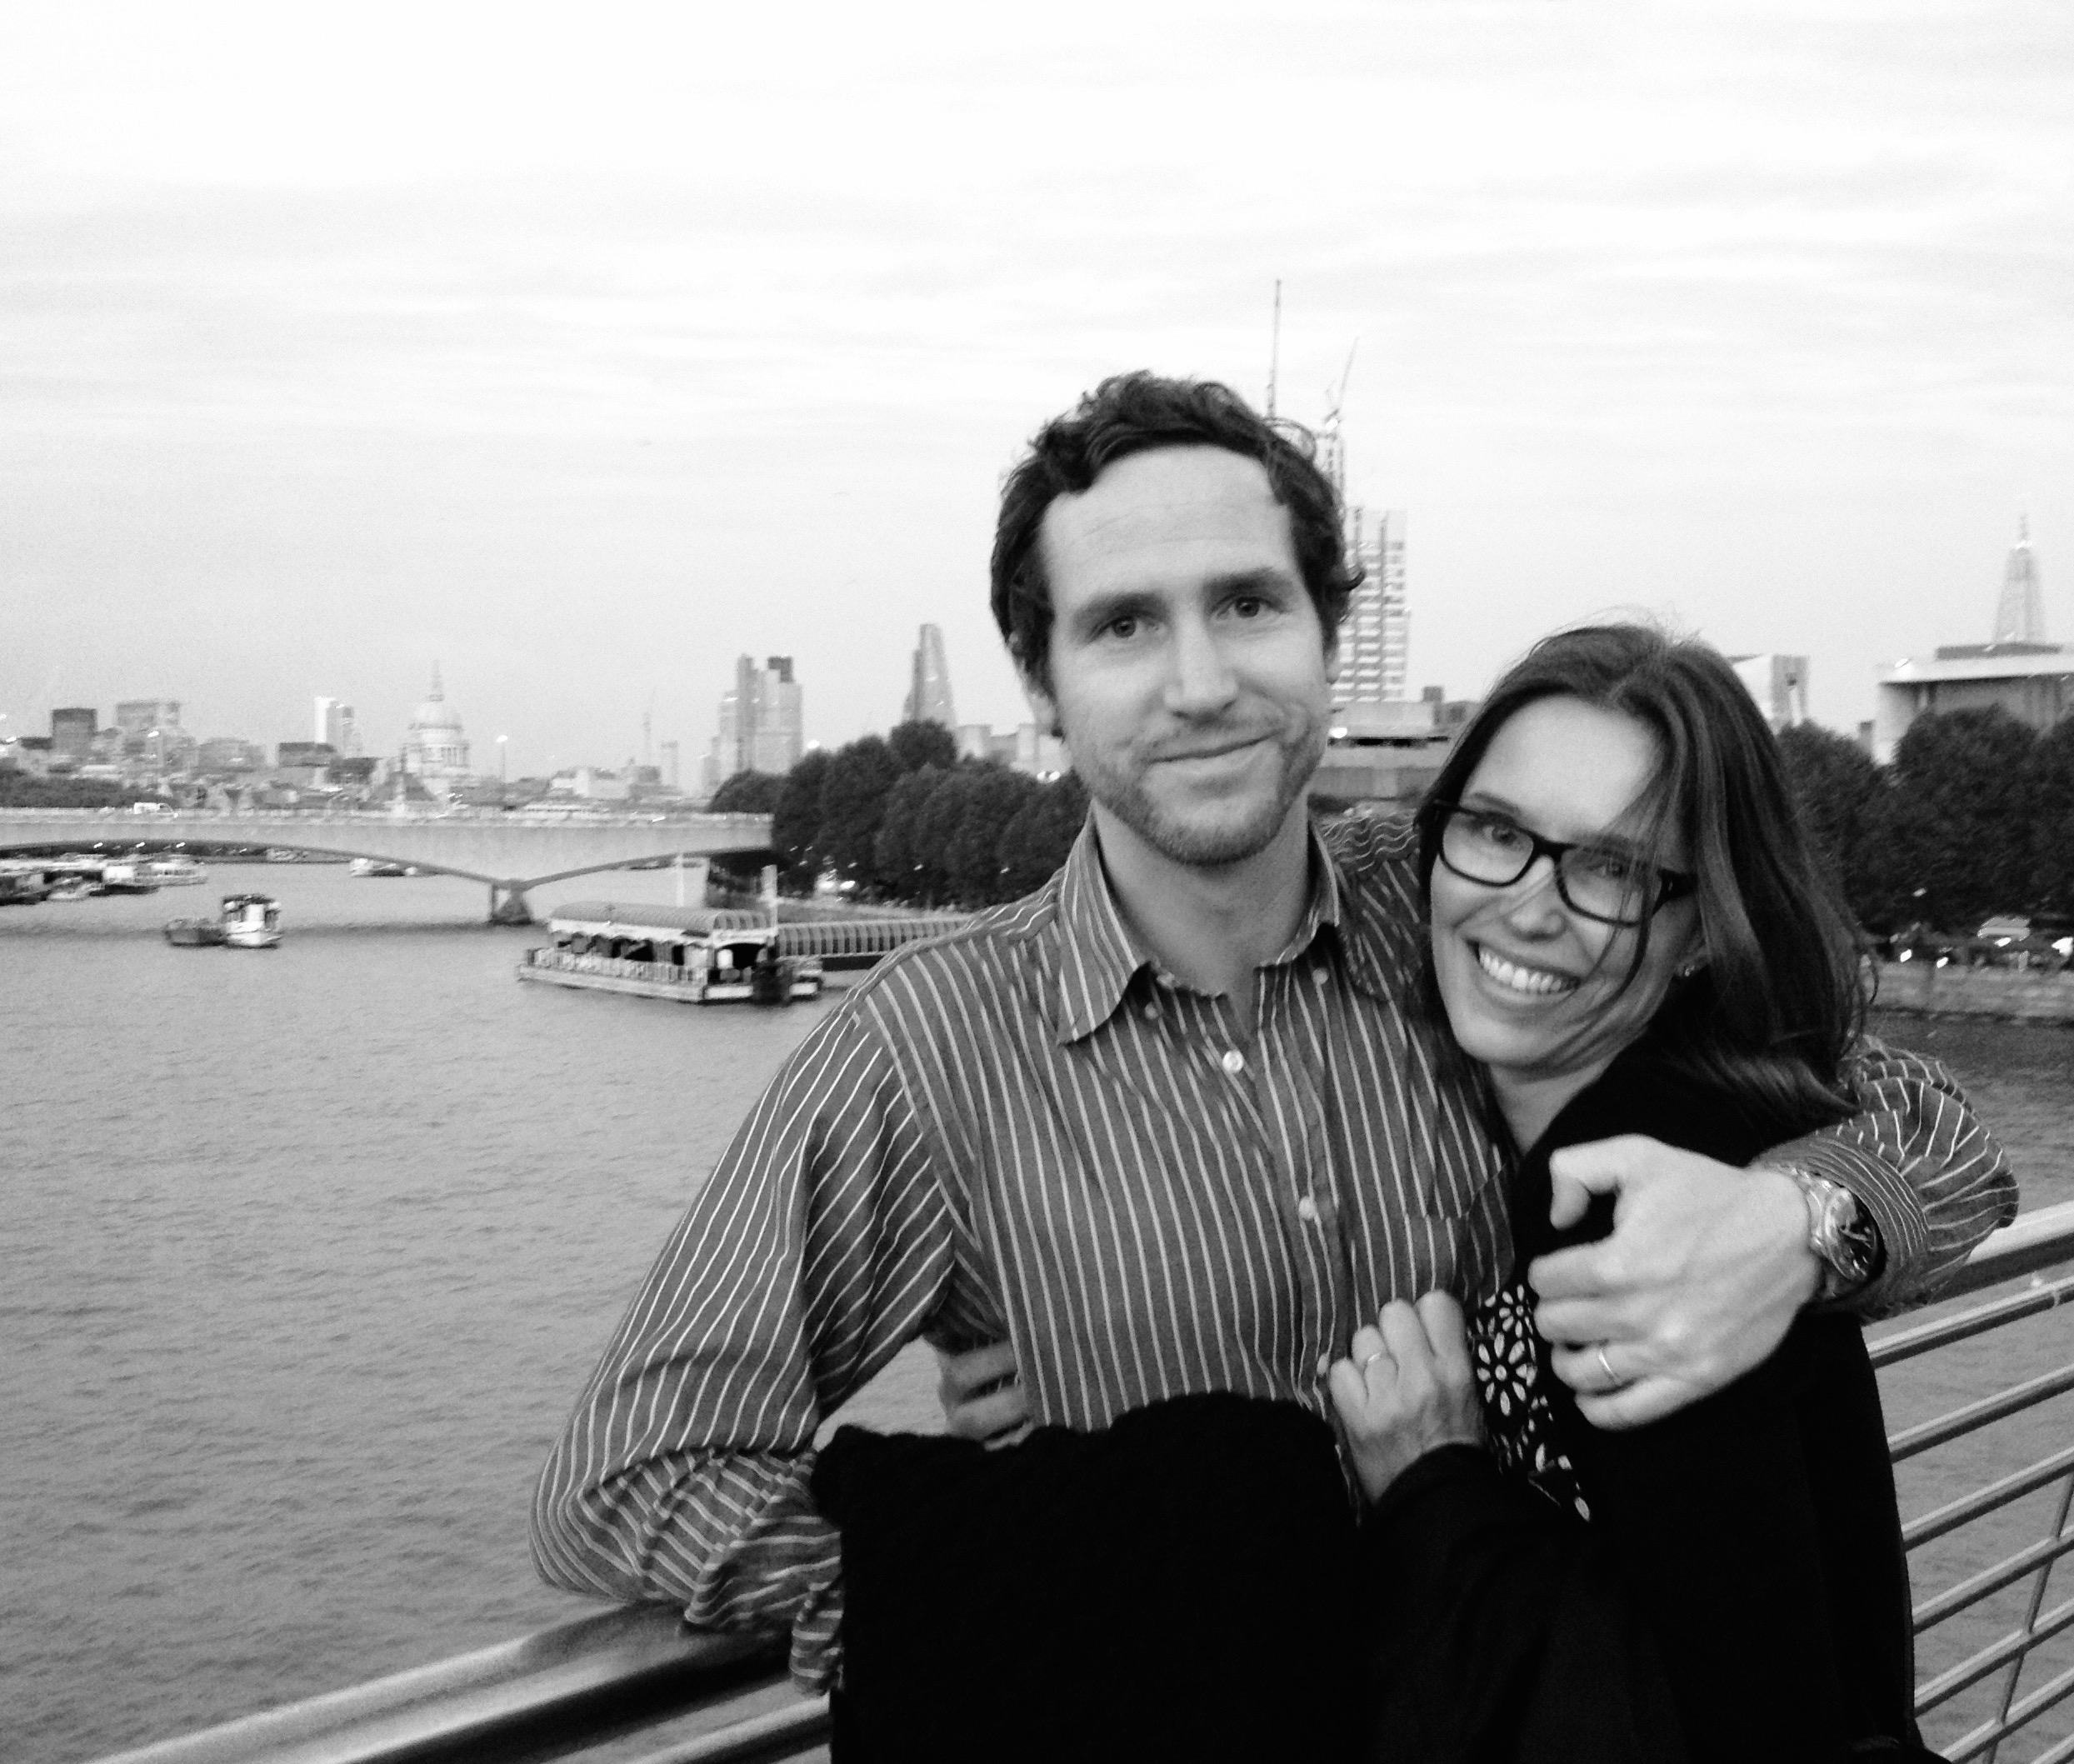 James & Rosana